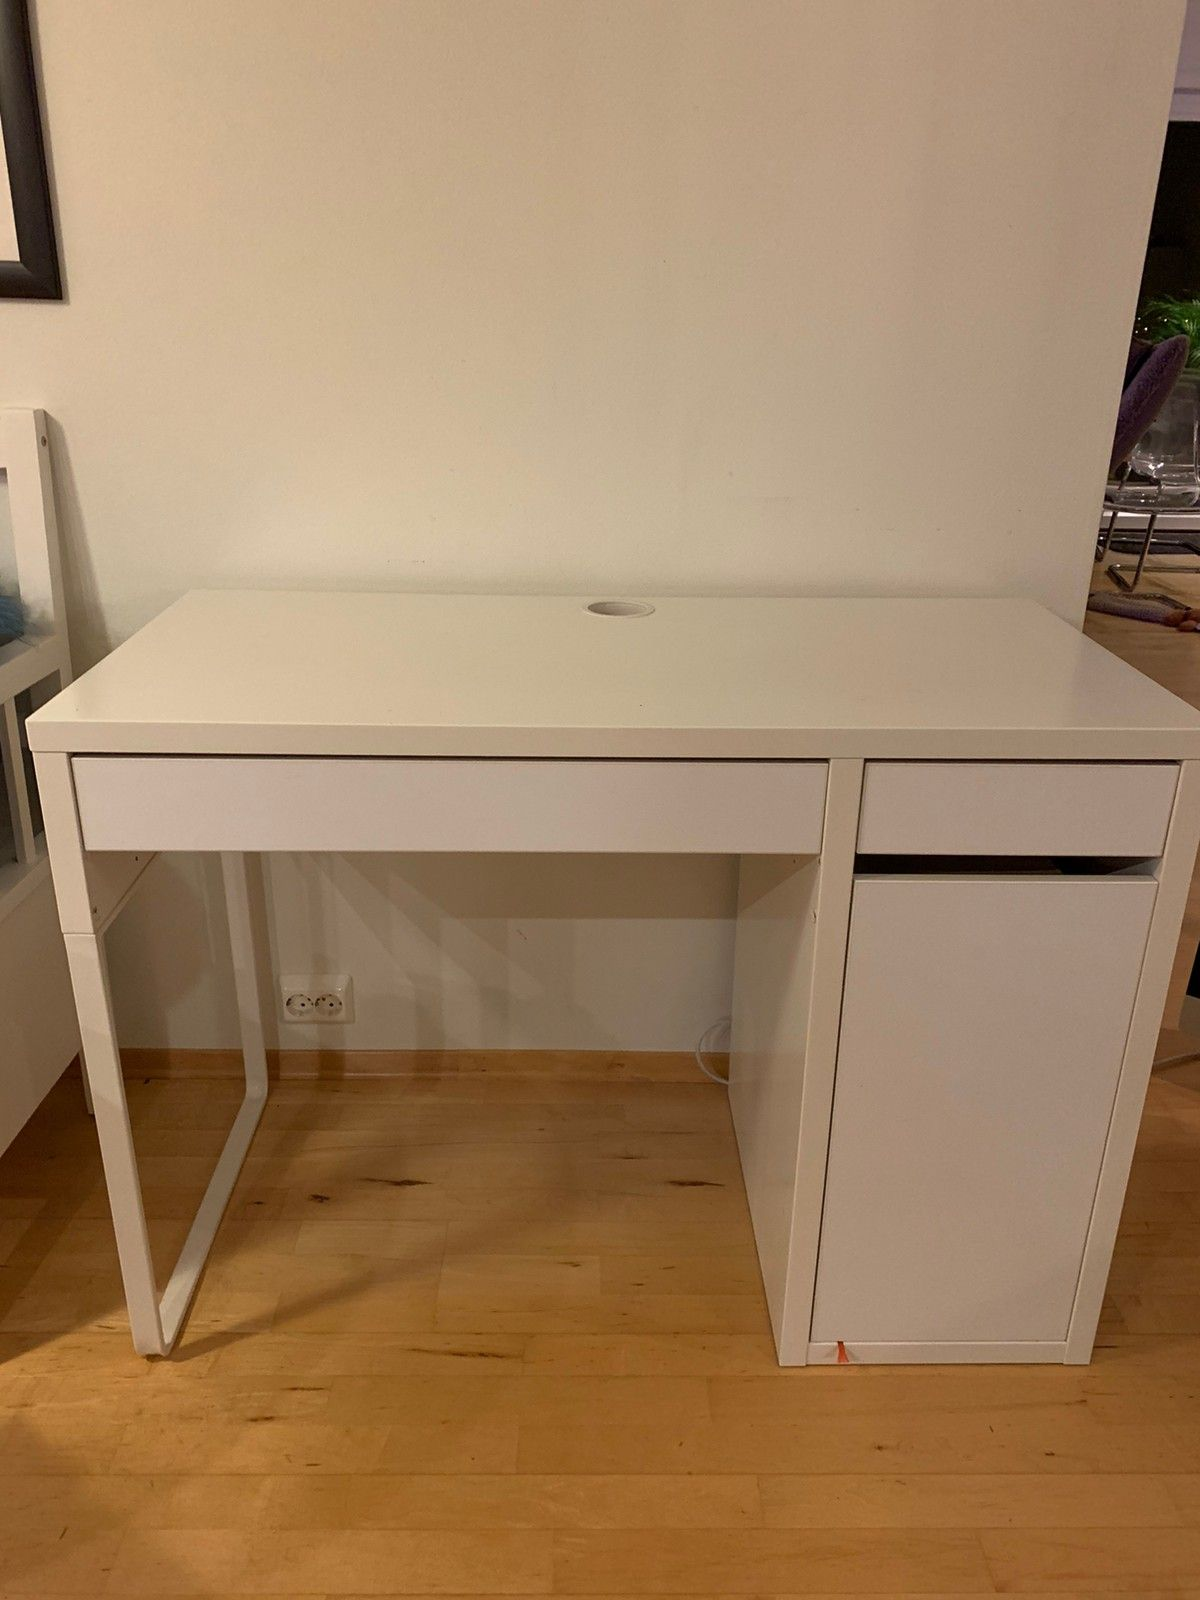 Skrivebord micke Kjøpe, selge og utveksle annonser finn